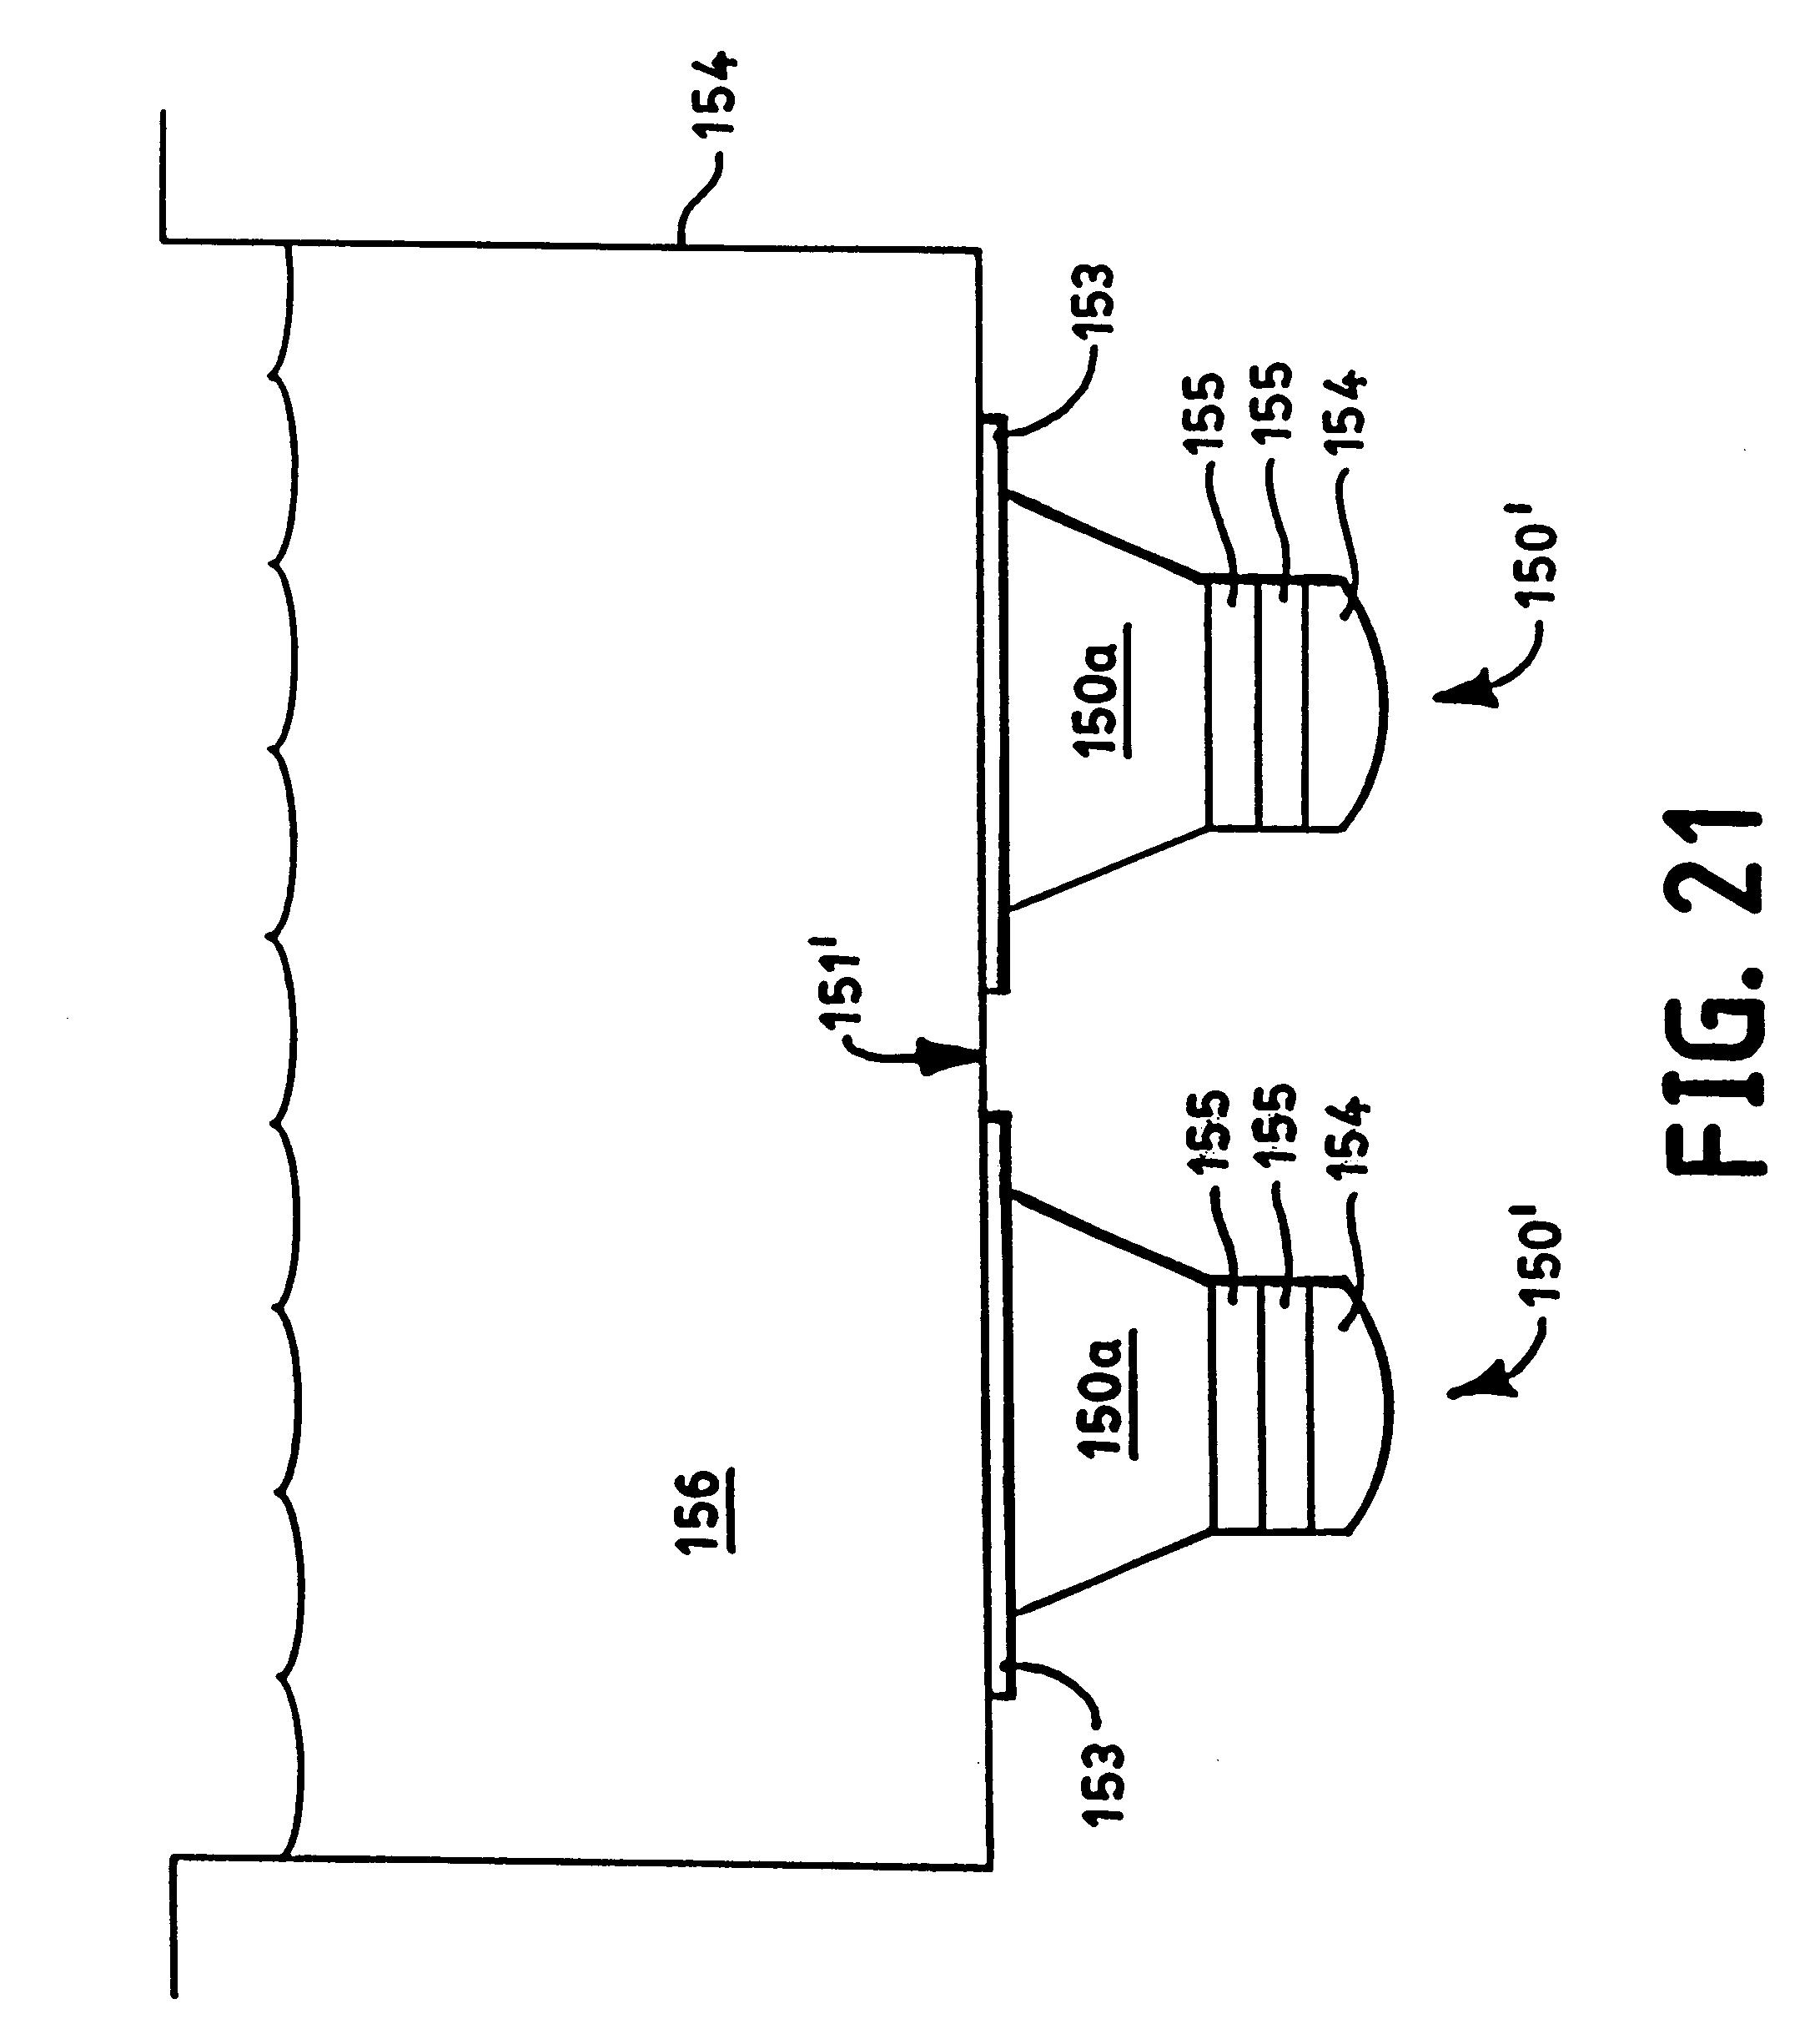 patent us6288476